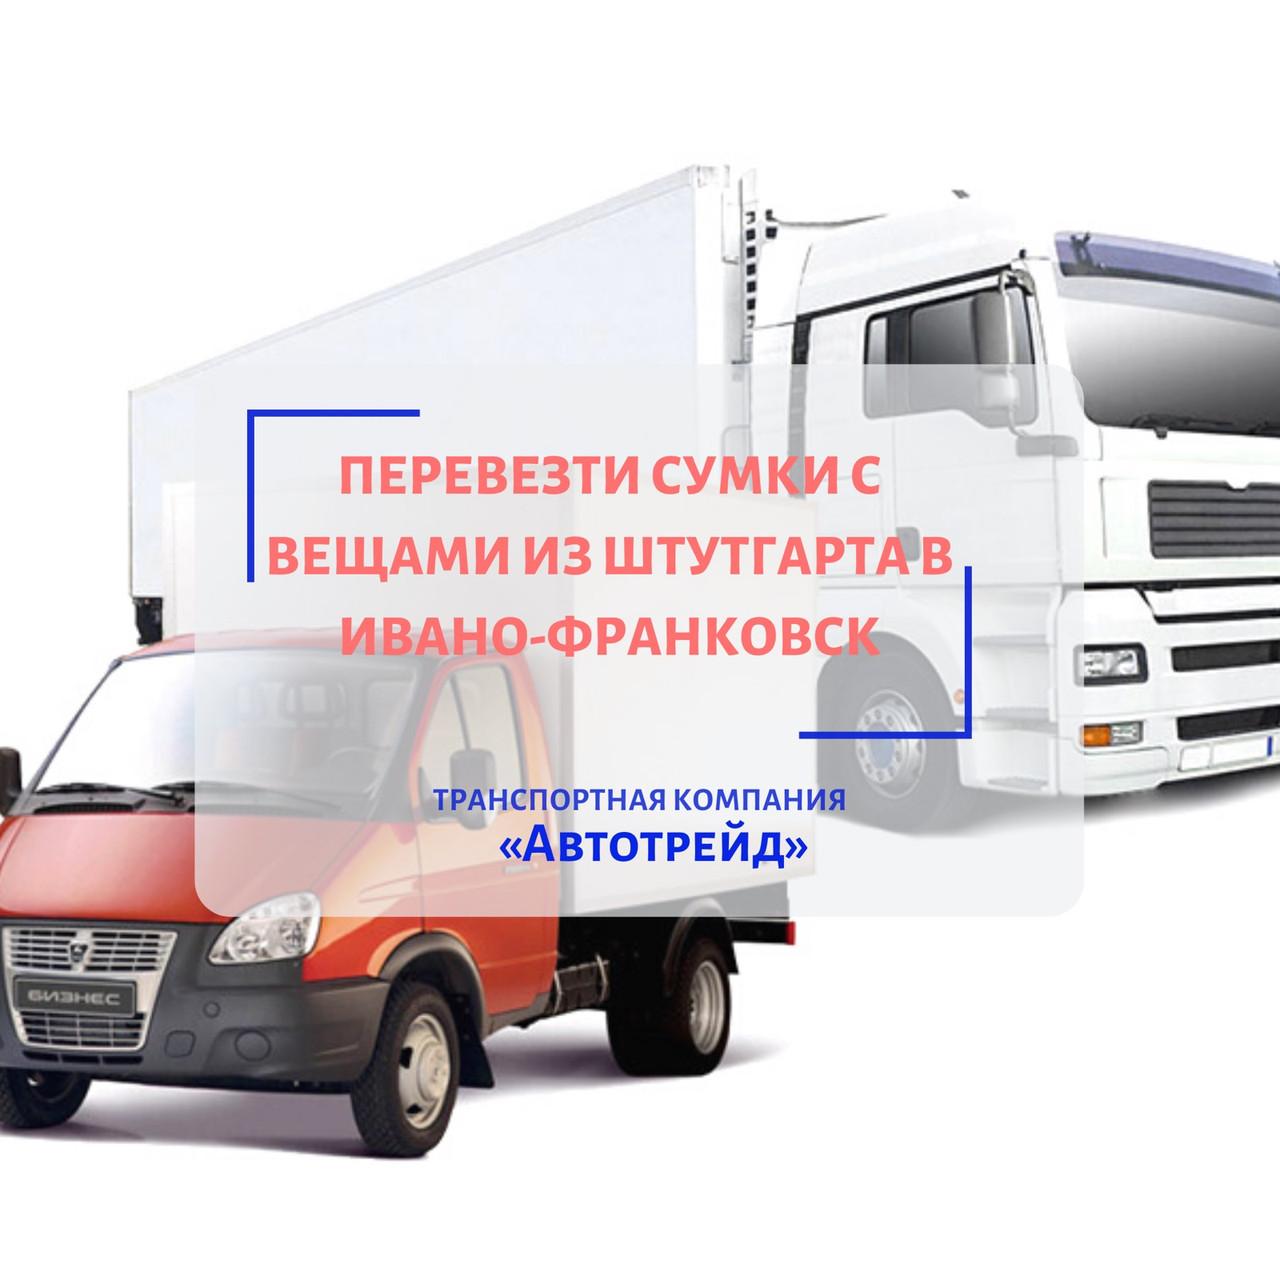 Перевозканесколькихсумок с вещами из Штутгарта в Ивано-Франковск. Заявка